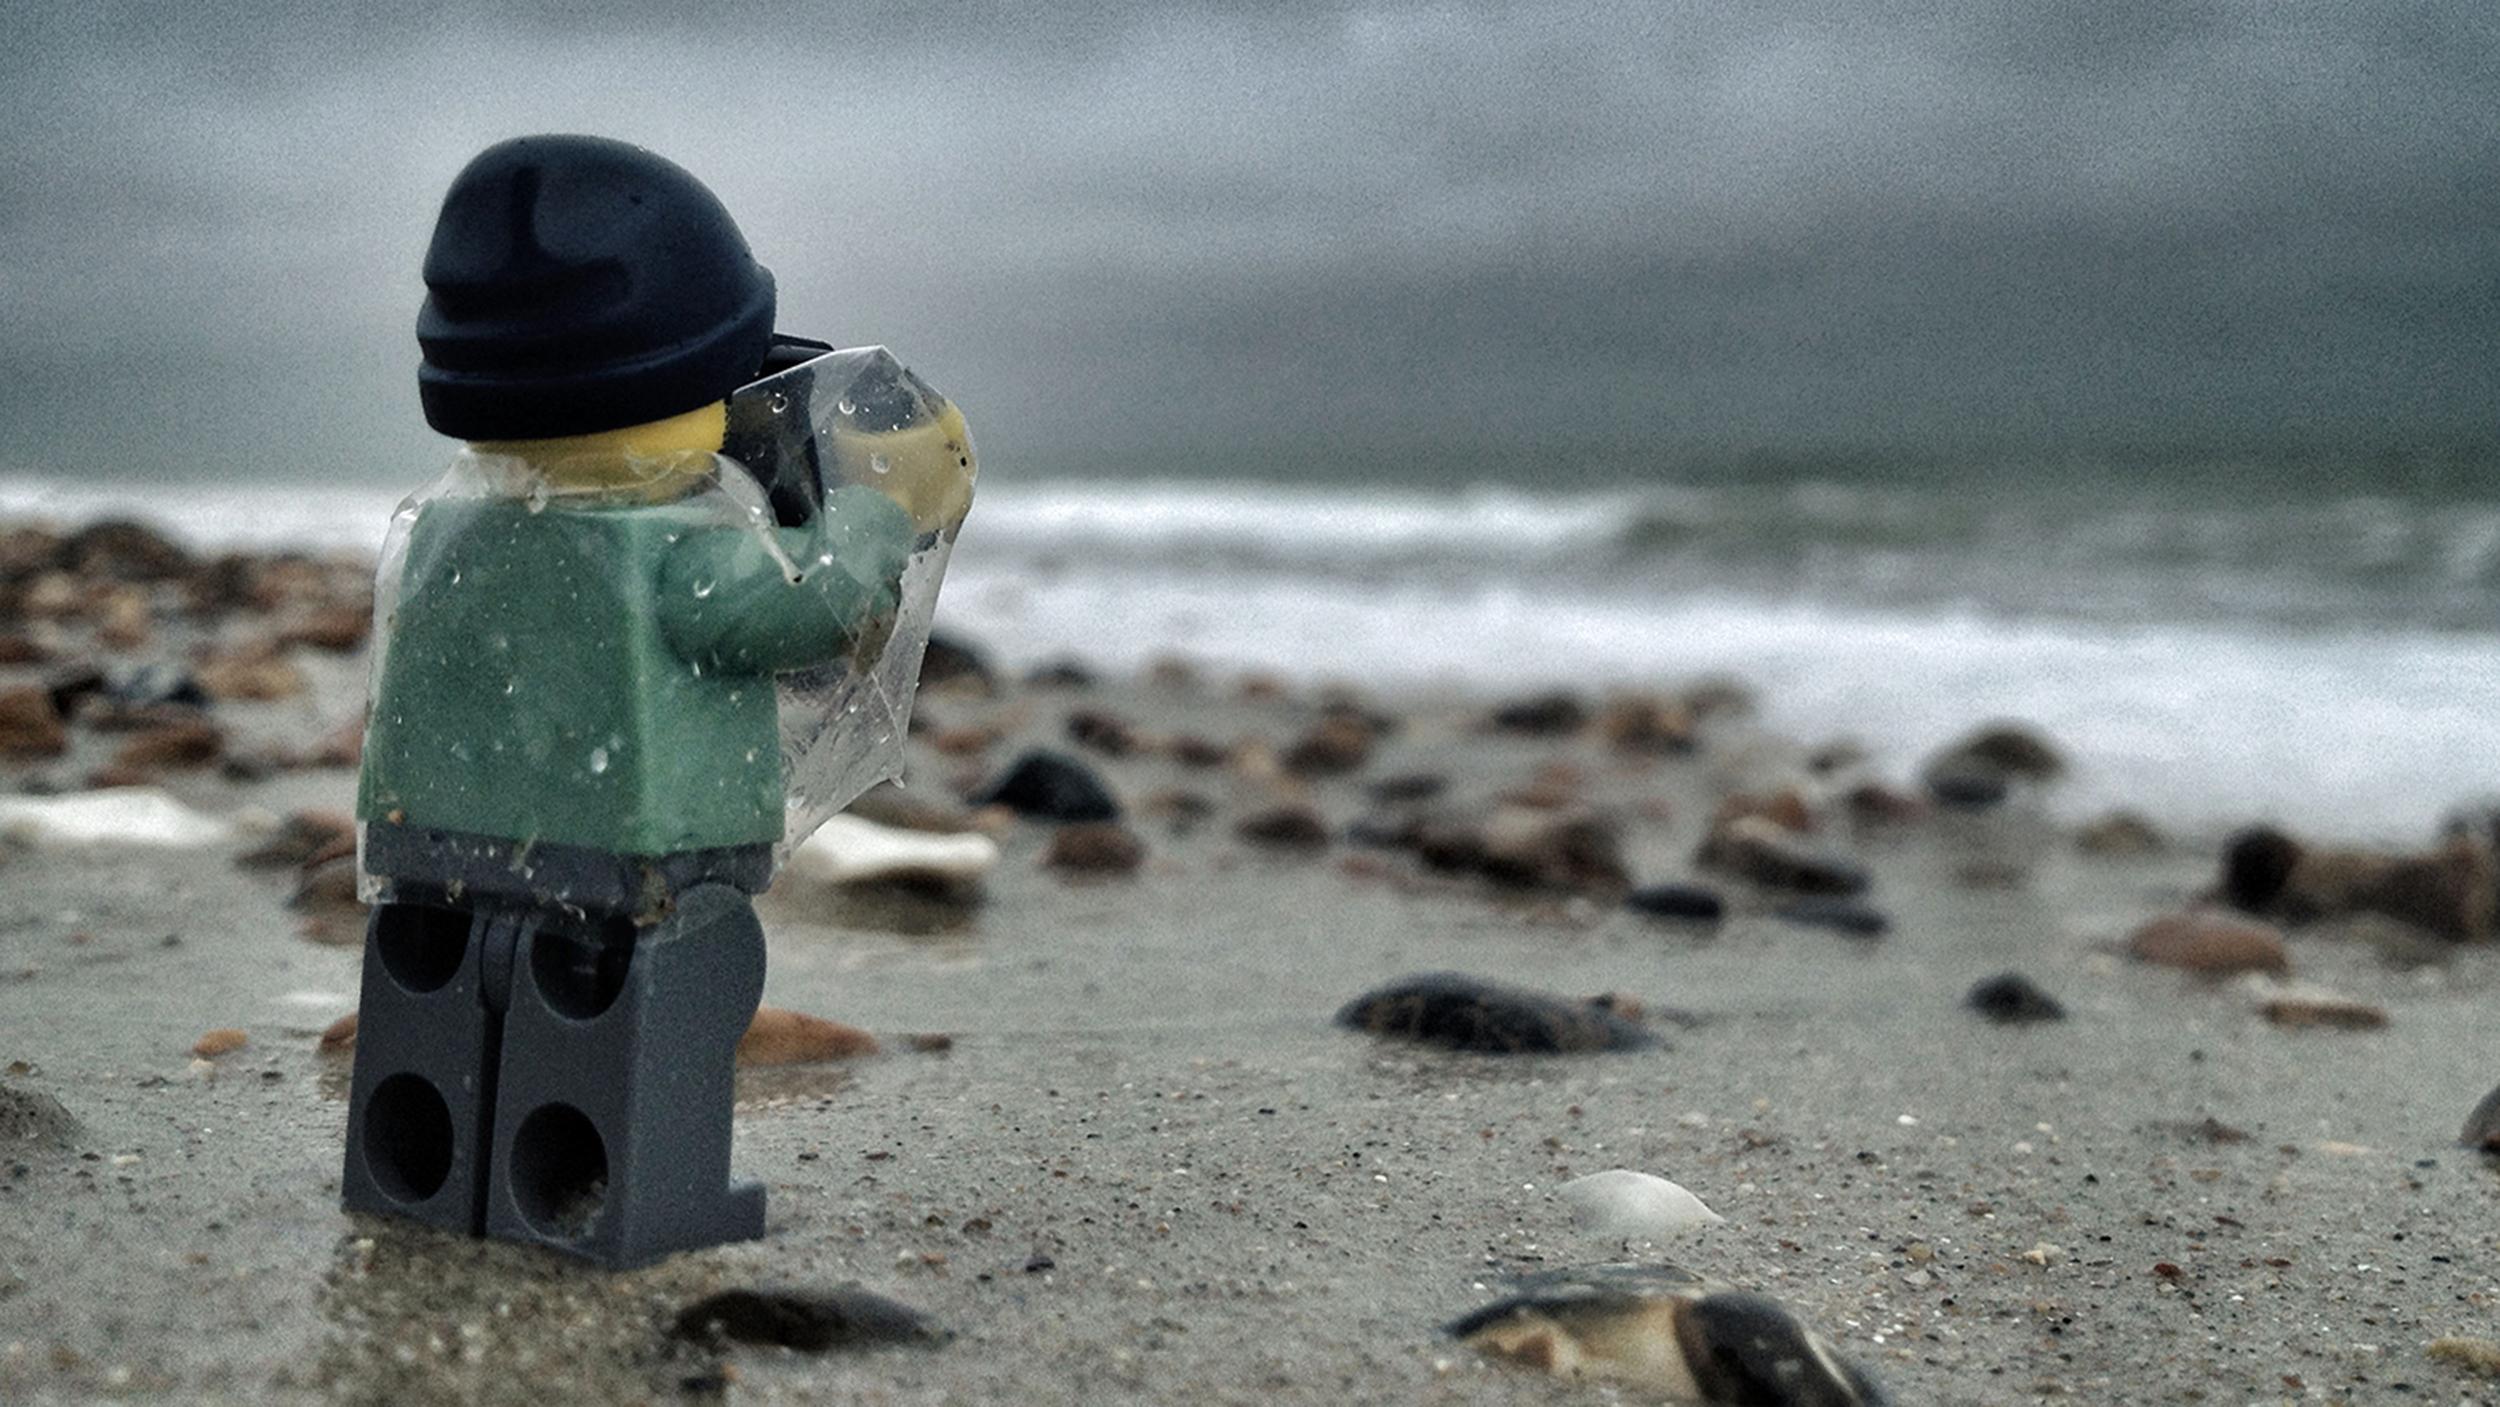 Muñeco Click de Playmobil con chubasquero haciendo foto en playa